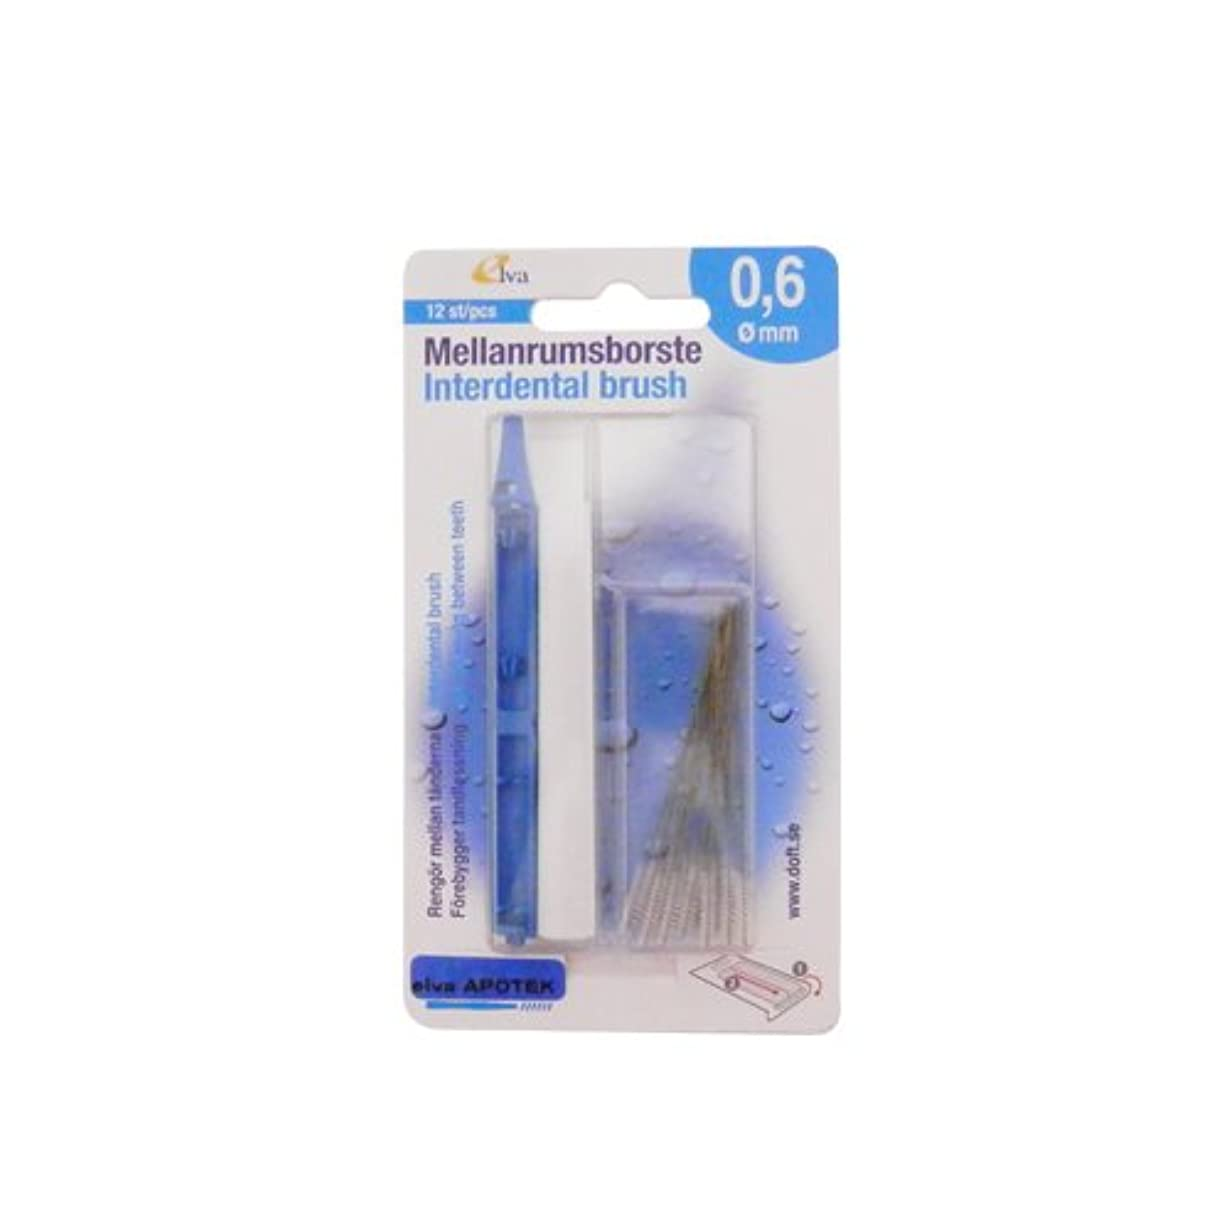 噴火食器棚シビックエルバ アポテック 歯間ブラシ ELVA APOTEK 12本入 ライトブルー 0.6mm